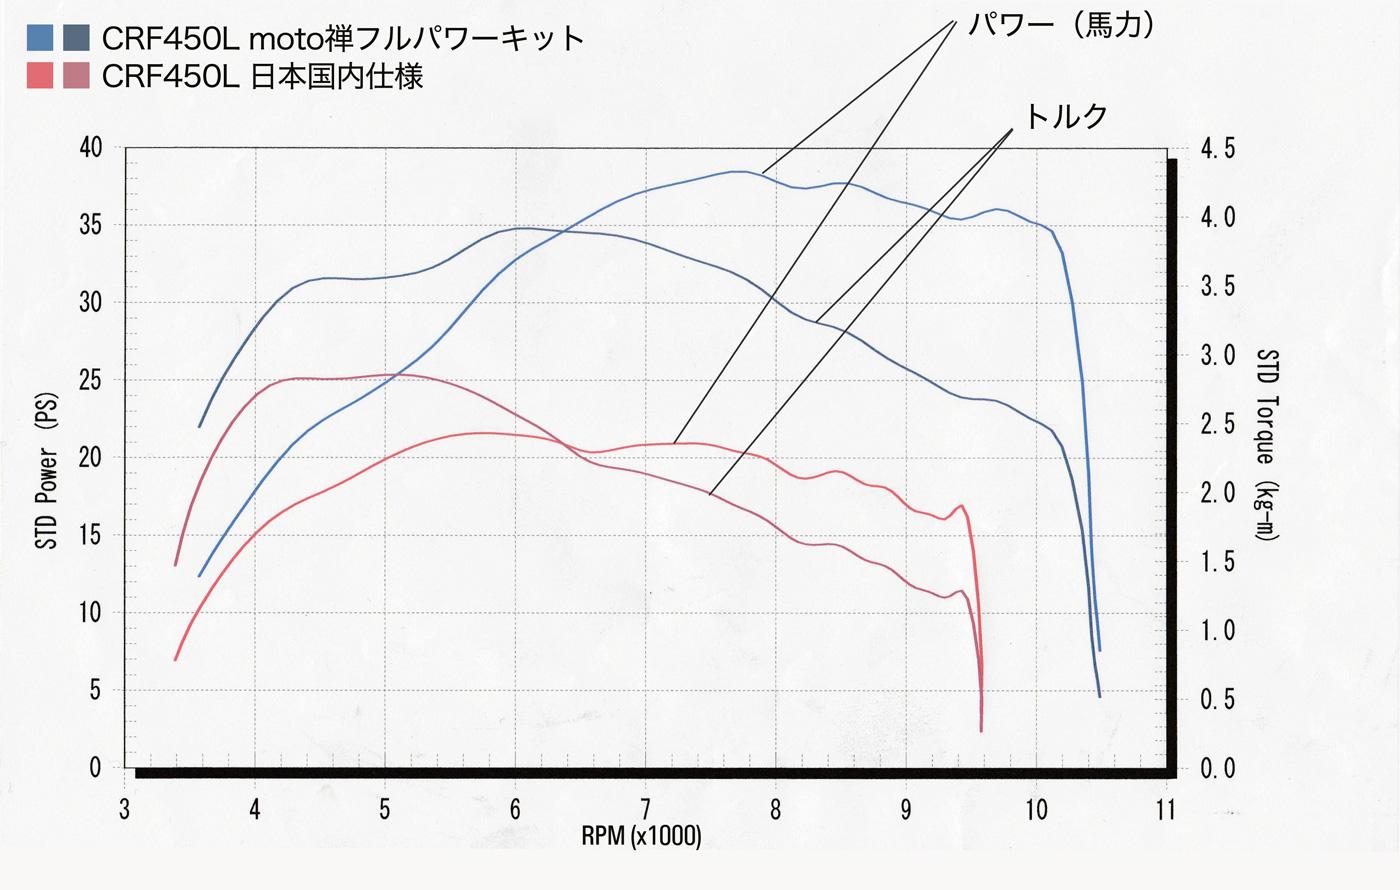 CRF450Lノーマルとフルパワーののパワーグラフ